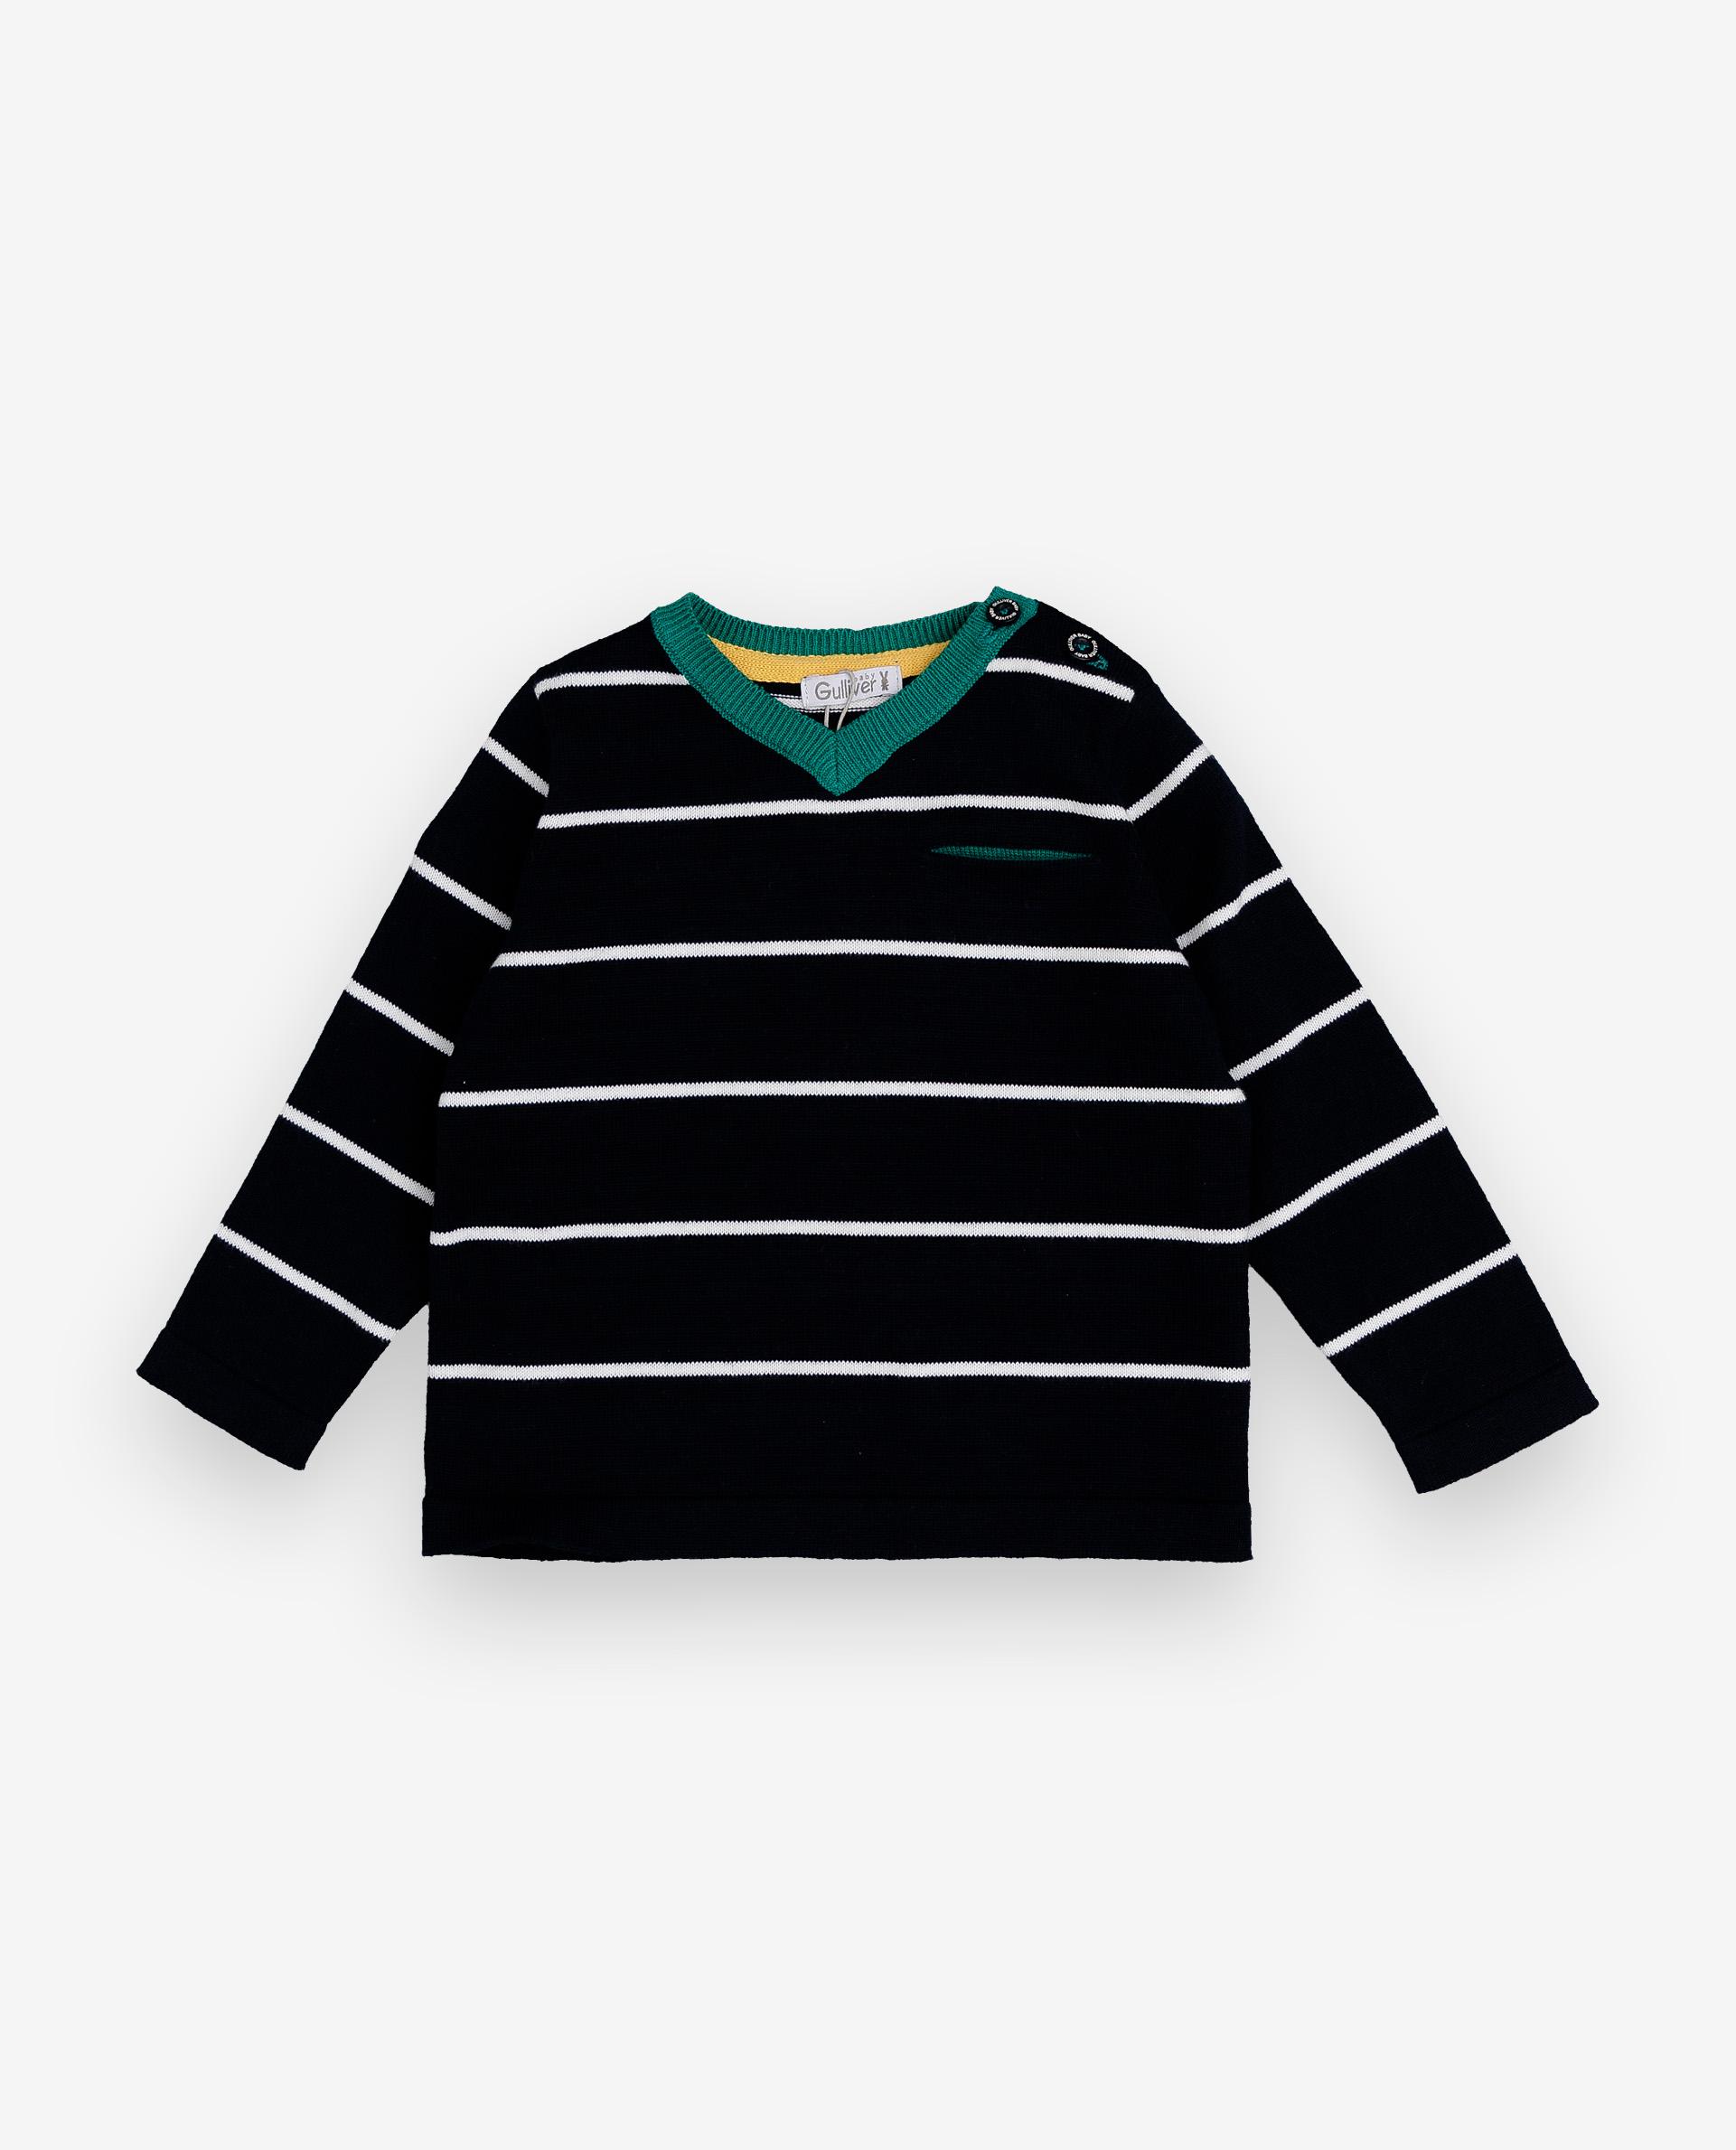 Купить 12033BBC3101, Джемпер для мальчиков Gulliver, цв. синий, р.92, Кофточки, футболки для новорожденных